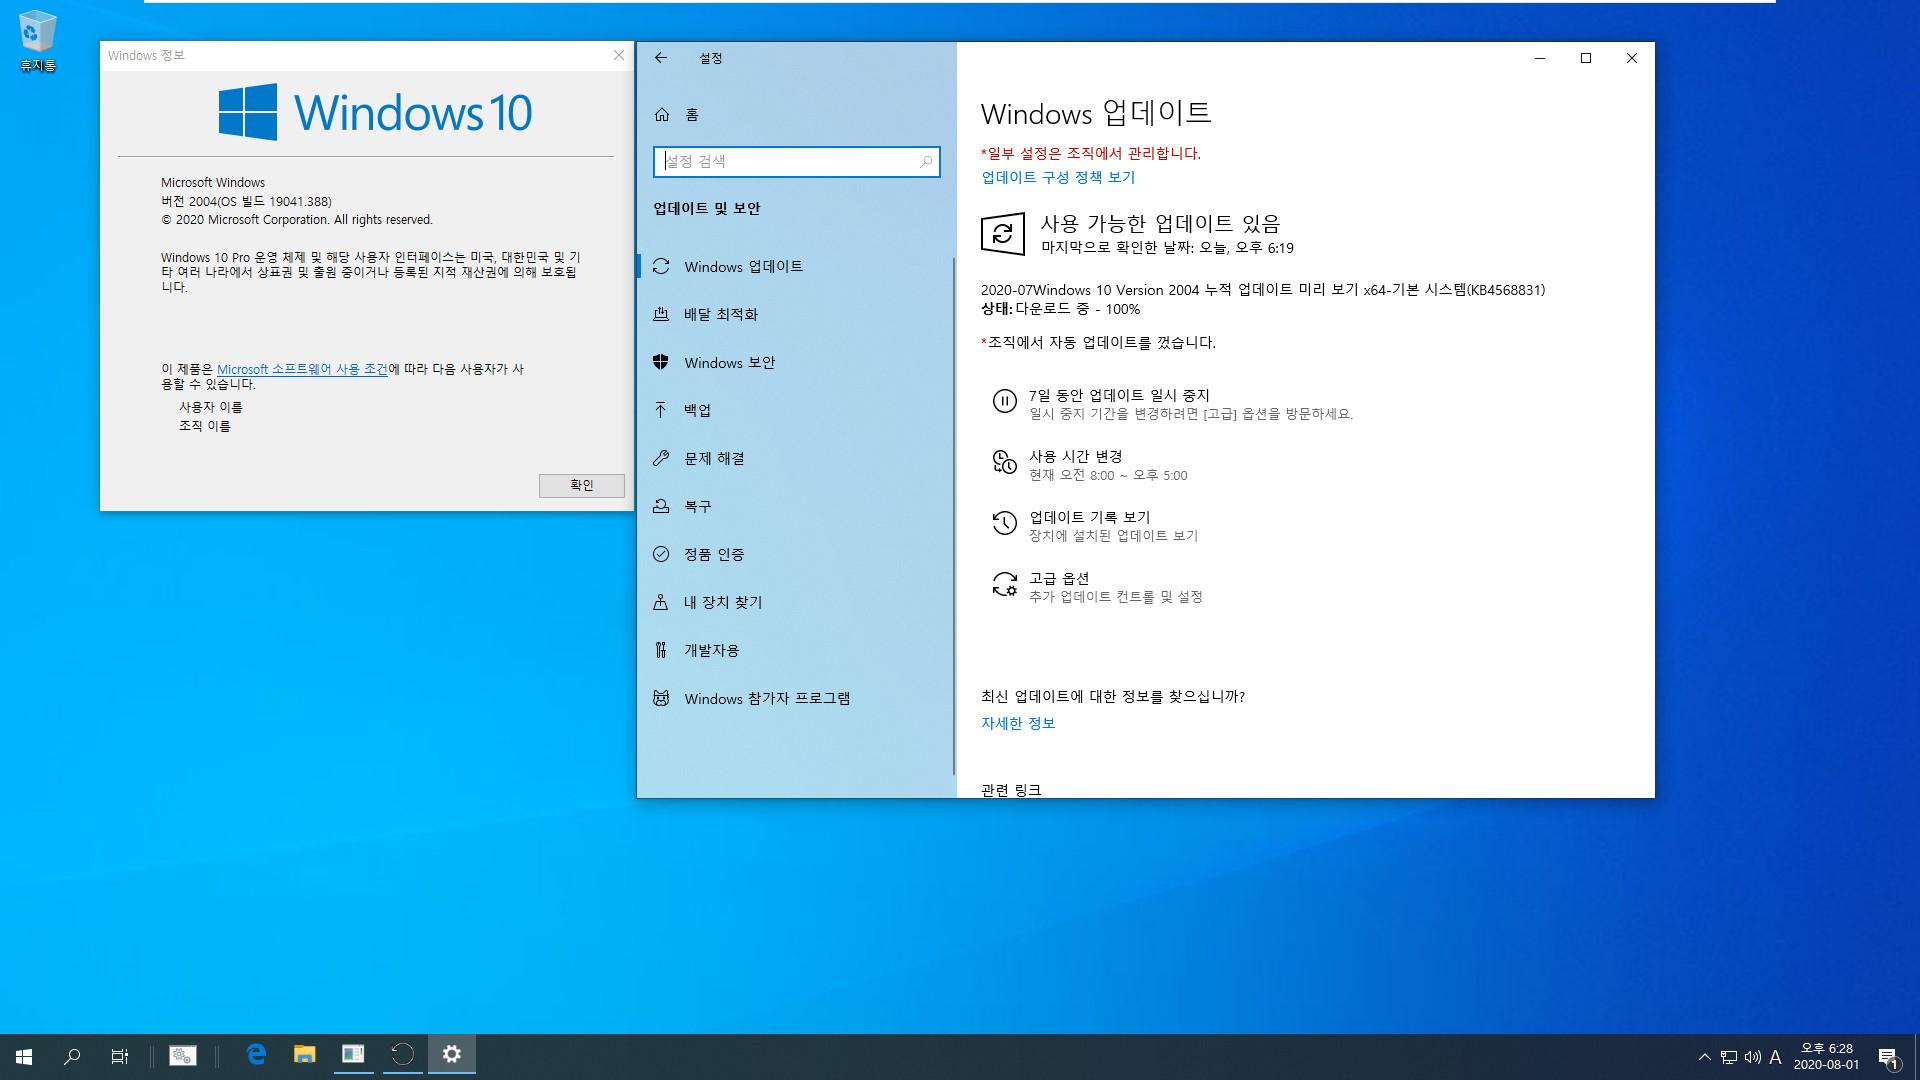 Windows 10 버전 2004, 19041.423빌드 누적 업데이트 KB4568831 나왔네요 - 자동 업데이트(정식 업데이트)가 아니라 선택적 업데이트(프리뷰)에만 나왔습니다 2020-08-01_182849.jpg